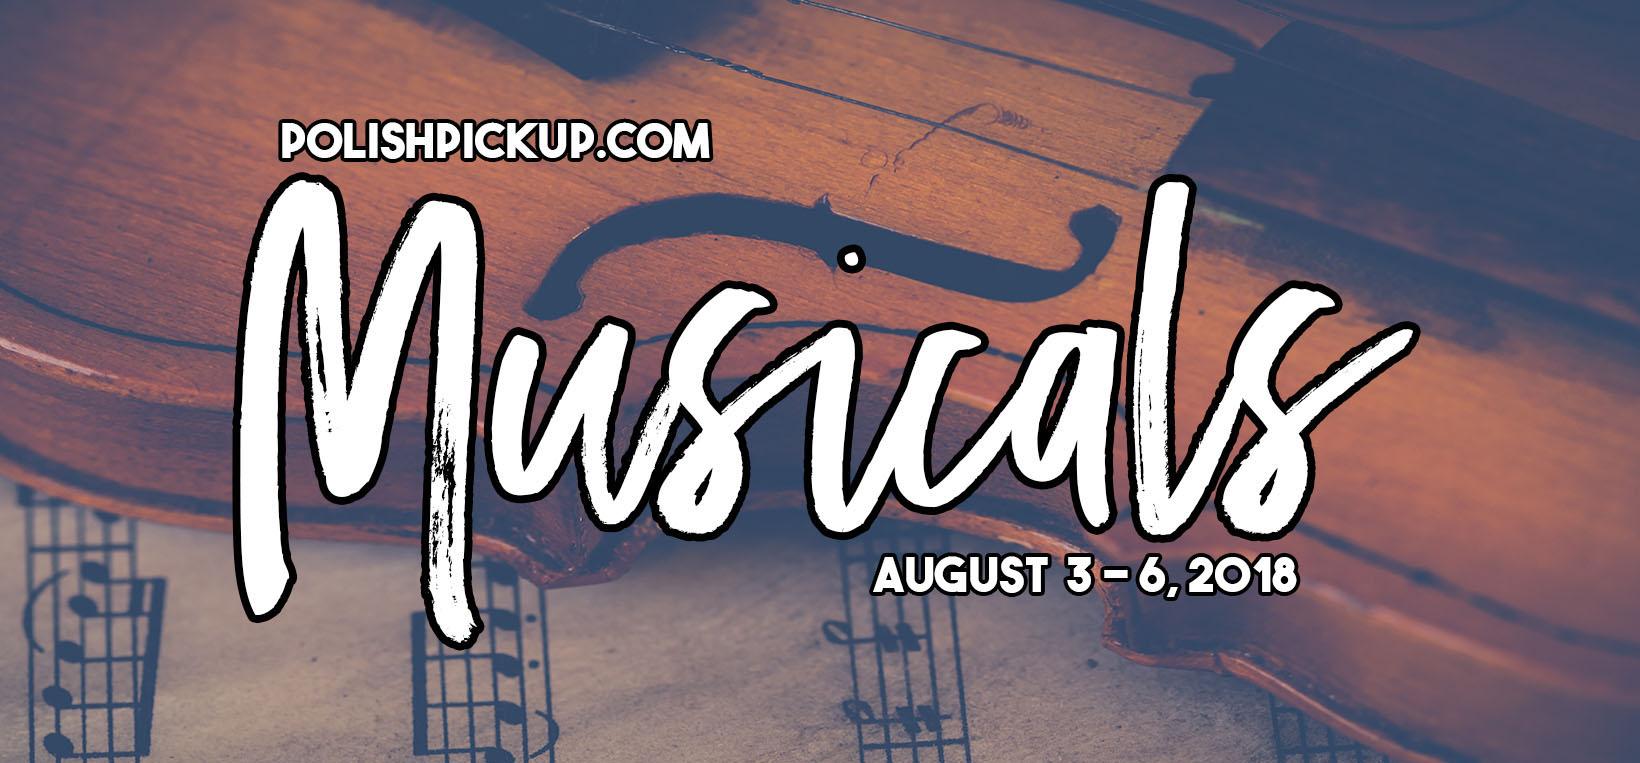 PPU Musicals Banner